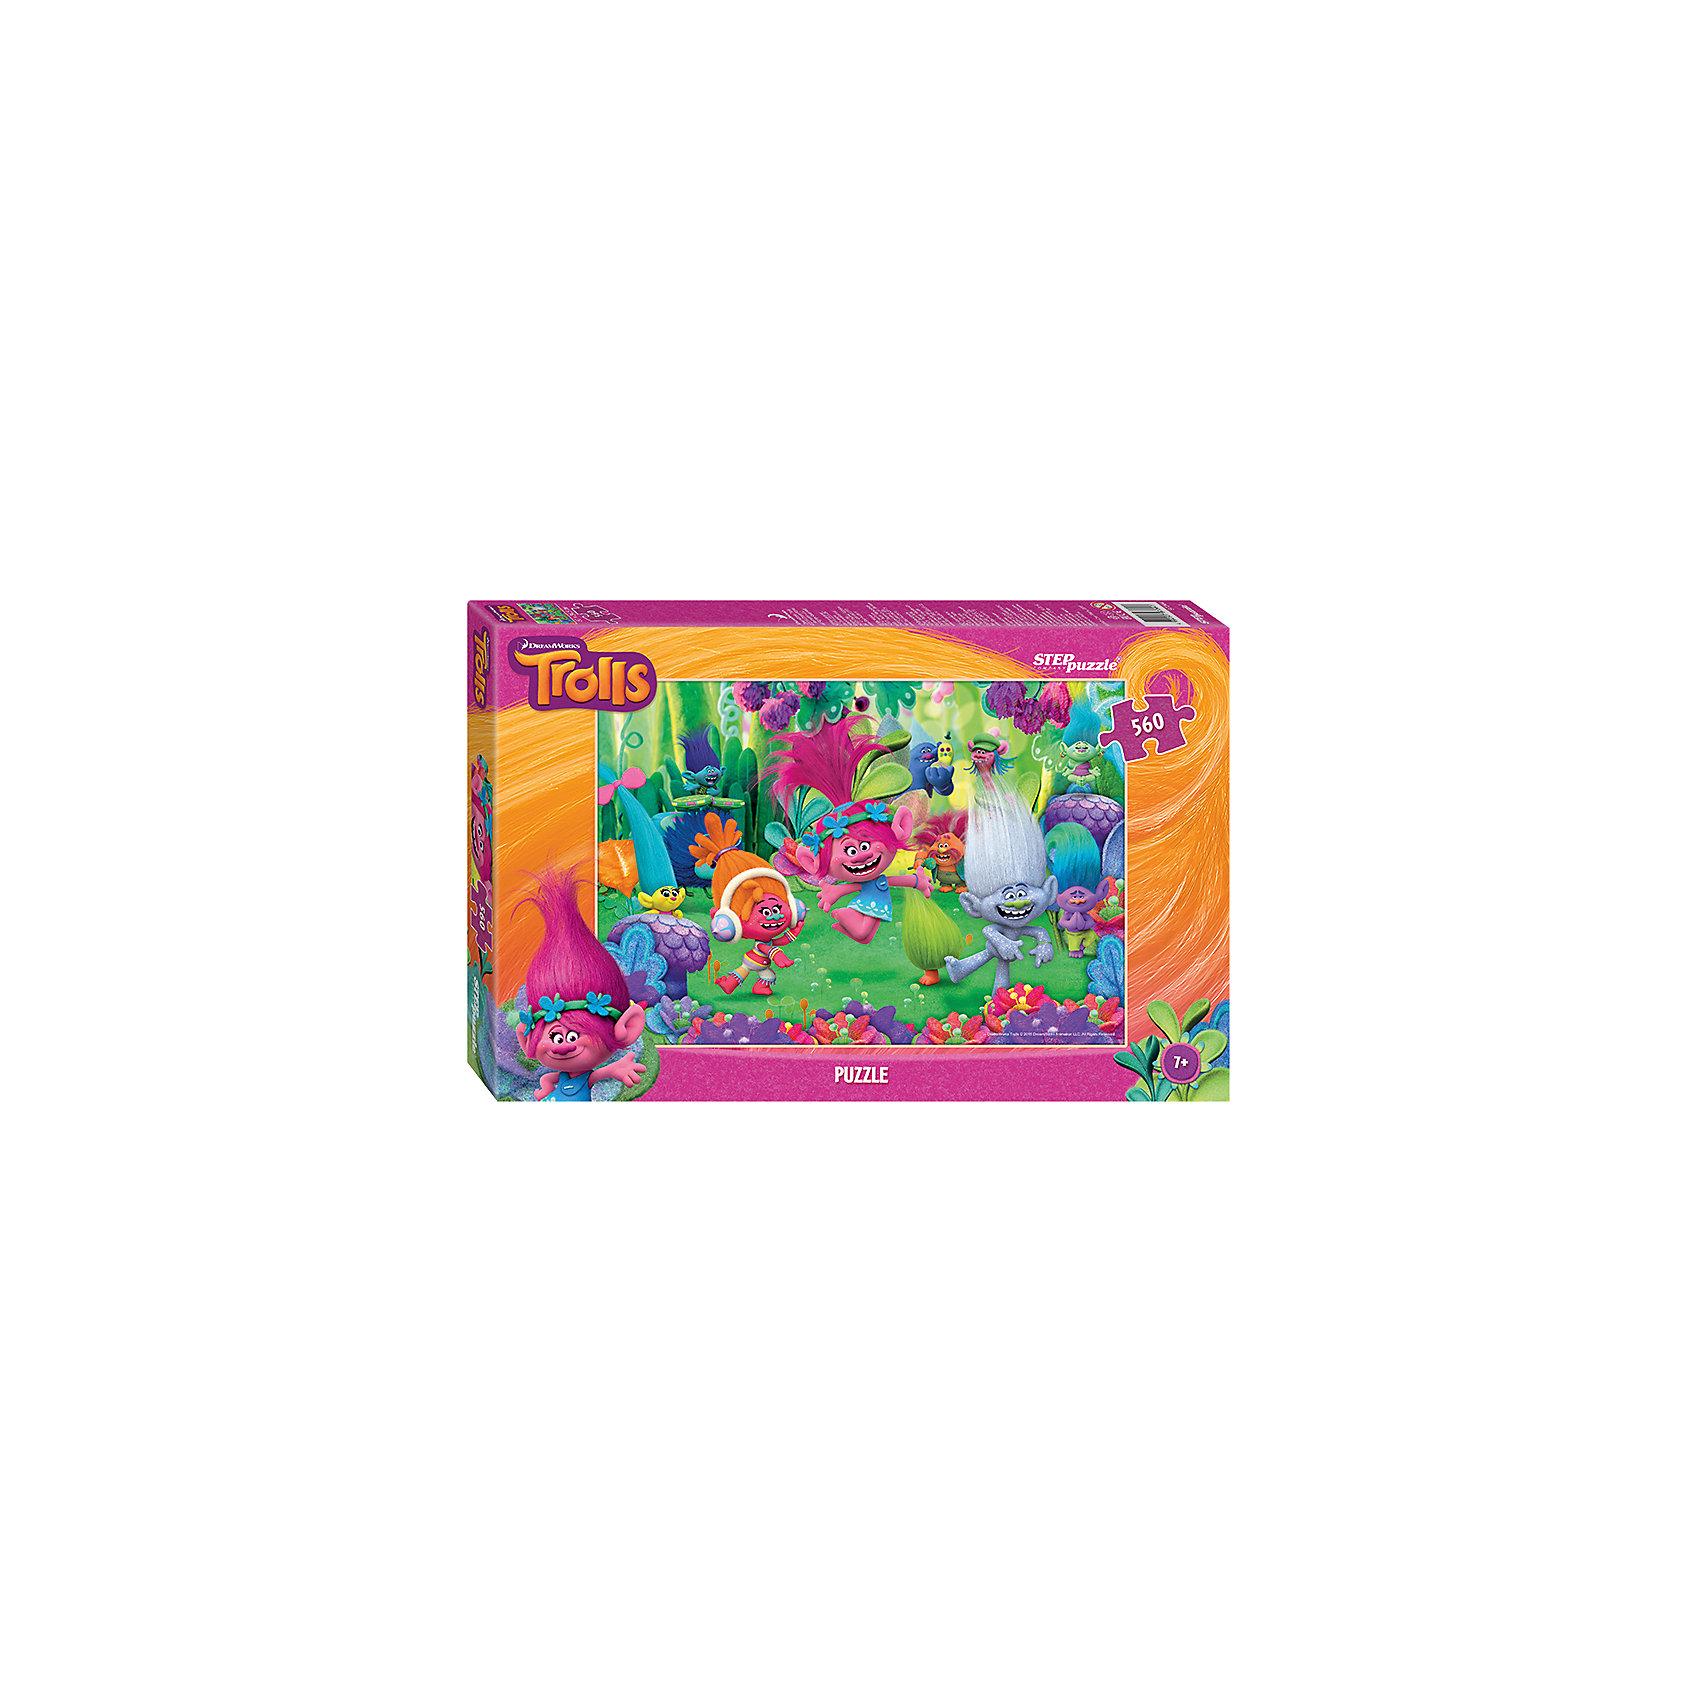 Пазл Тролли, 560 деталей, Step PuzzleТролли<br>Характеристики товара:<br><br>- цвет: разноцветный;<br>- материал: картон;<br>- размер деталей: 1,5?1,8 см;<br>- деталей: 560;<br>- высокая точность подгонки элементов;<br>- размер собранного изображения: 34,5?50 см;<br>- отличное качество печати;<br>- упаковка: коробка.<br><br>Собирать пазлы любят и дети, и взрослые! Это занятие может не только позволять весело проводить время, но и помогать всестороннему развитию ребенка. Изделие представляет собой детали, из которых нужно собрать очень красивую картинку. Все детали отлично проработаны, готовое изображение можно даже зафиксировать на бумаге и украсить им интерьер!<br>Собирание пазлов поможет формированию разных навыков, оно помогает развить тактильное восприятие, мелкую моторику, воображение, внимание и логику. Изделие произведено из качественных материалов, безопасных для ребенка. Набор станет отличным подарком детям!<br><br>Пазл Тролли, 560 деталей, от бренда Step Puzzle можно купить в нашем интернет-магазине.<br><br>Ширина мм: 335<br>Глубина мм: 215<br>Высота мм: 39<br>Вес г: 350<br>Возраст от месяцев: 36<br>Возраст до месяцев: 120<br>Пол: Унисекс<br>Возраст: Детский<br>SKU: 5138198